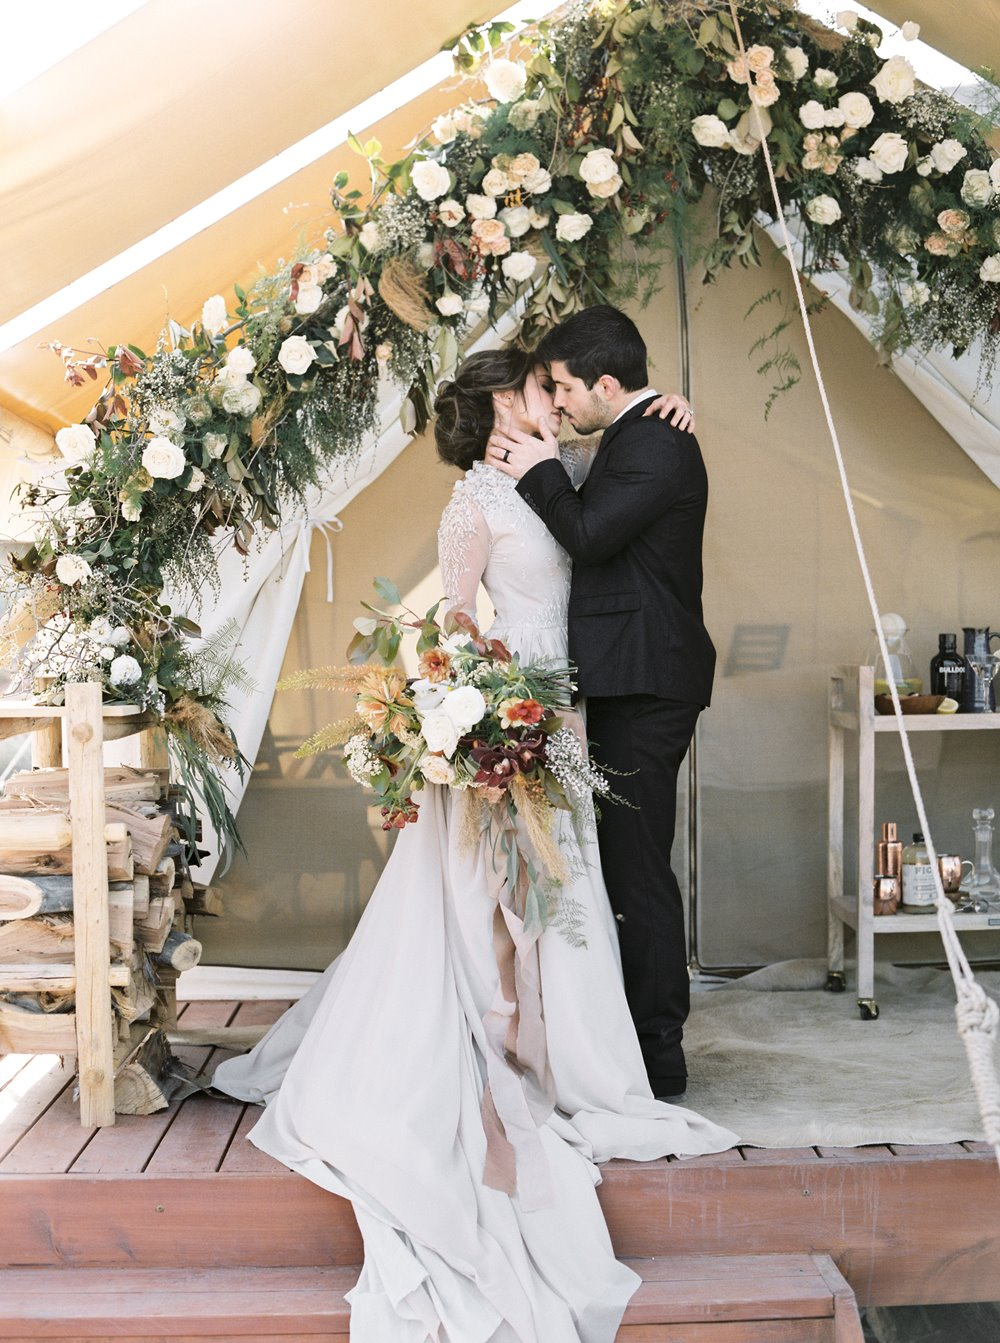 zion elopement ceremony backdrop